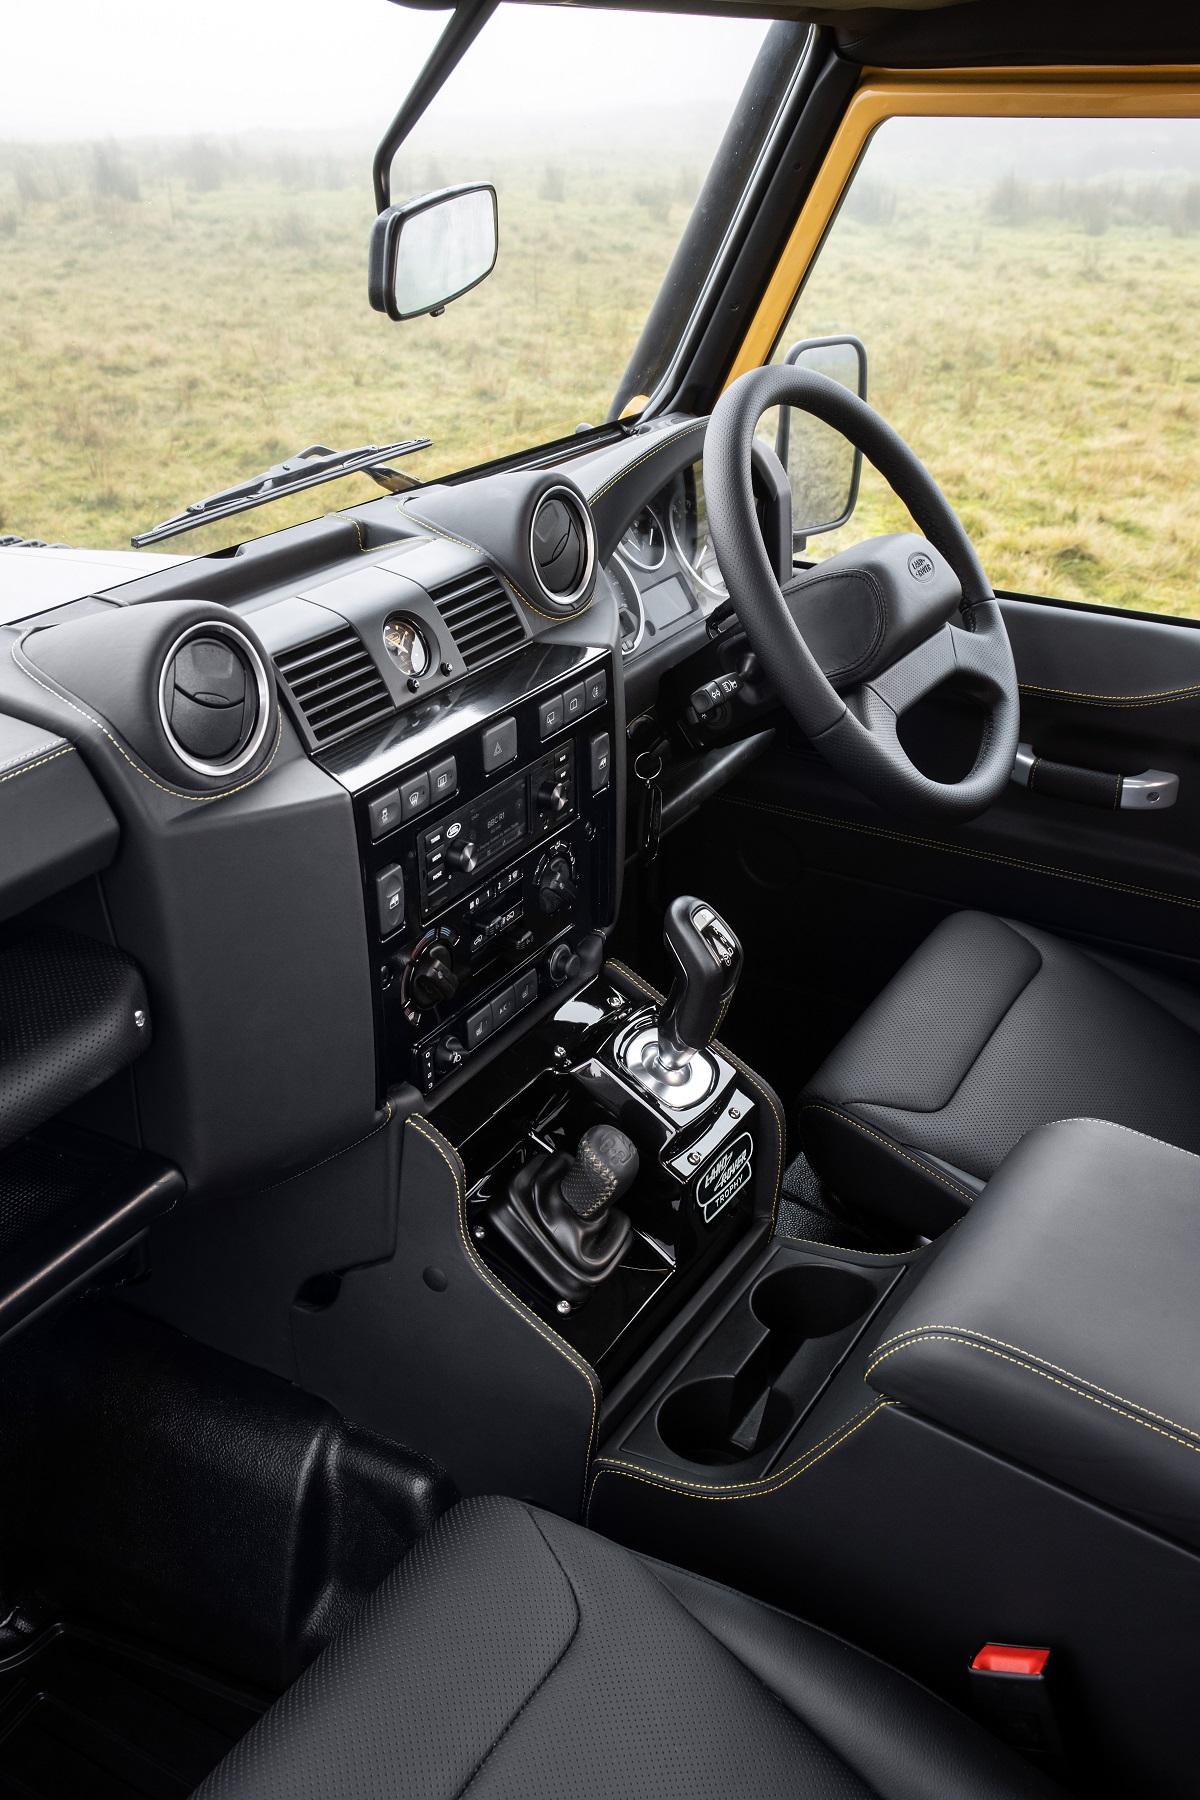 Land Rover Defender Camel Trophy 2021 4